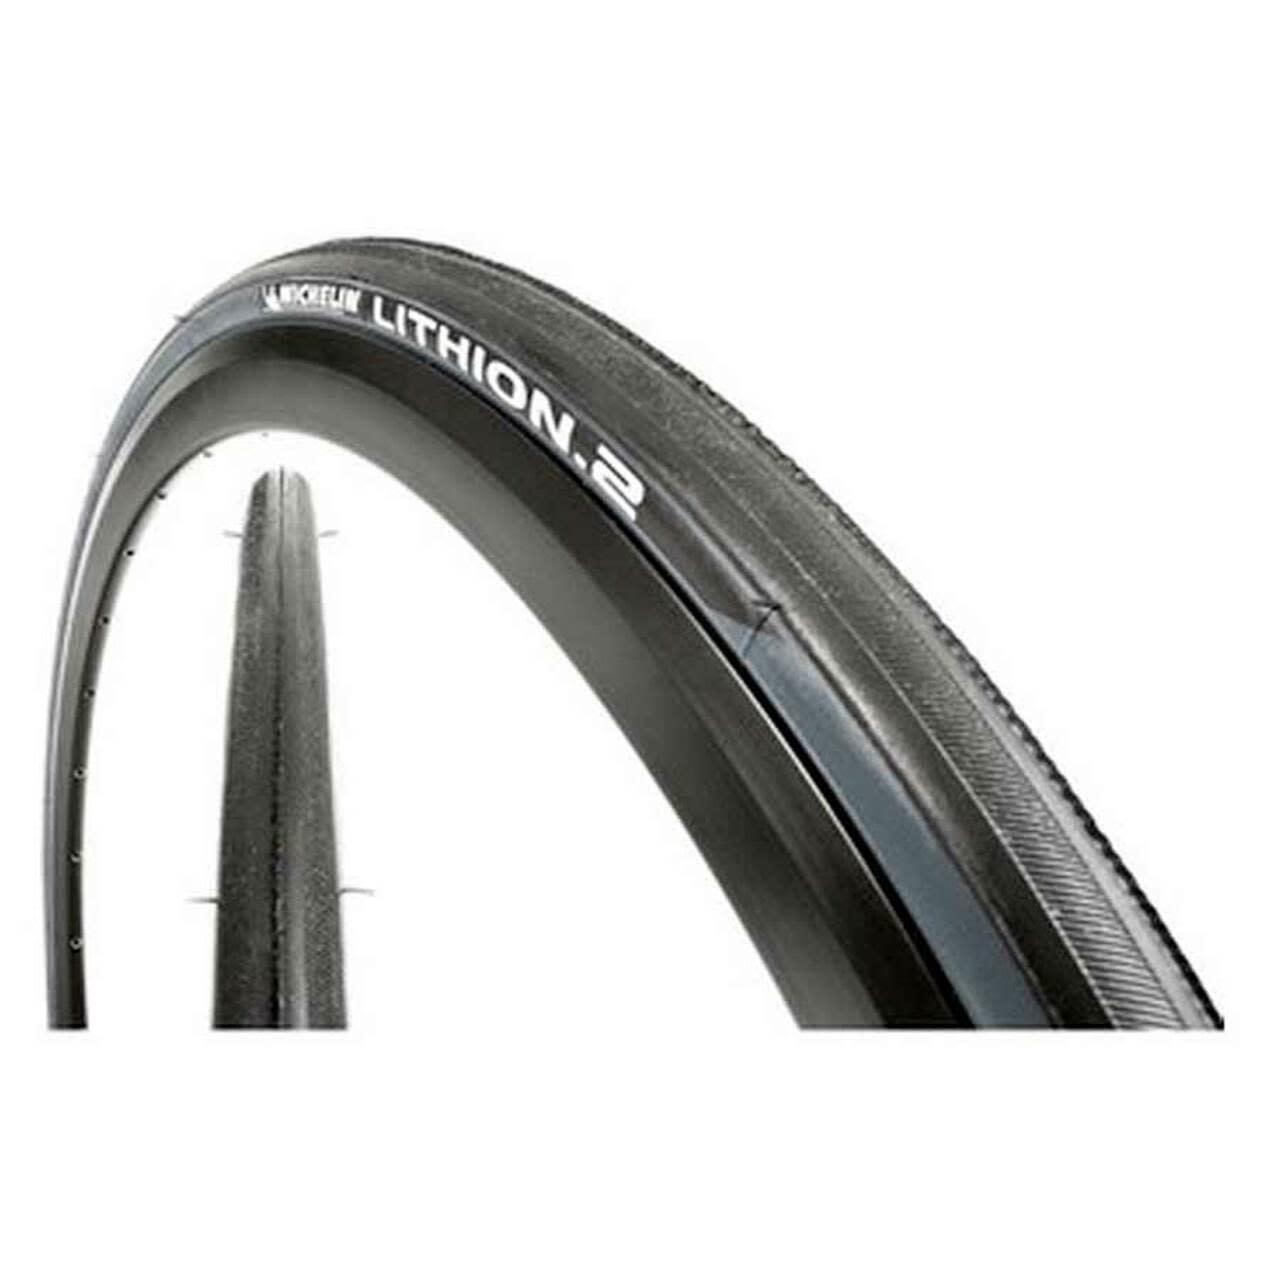 Michelin, Lithion 2, Tire, 700x23C, Folding, Clincher, Silica, 60TPI, Grey